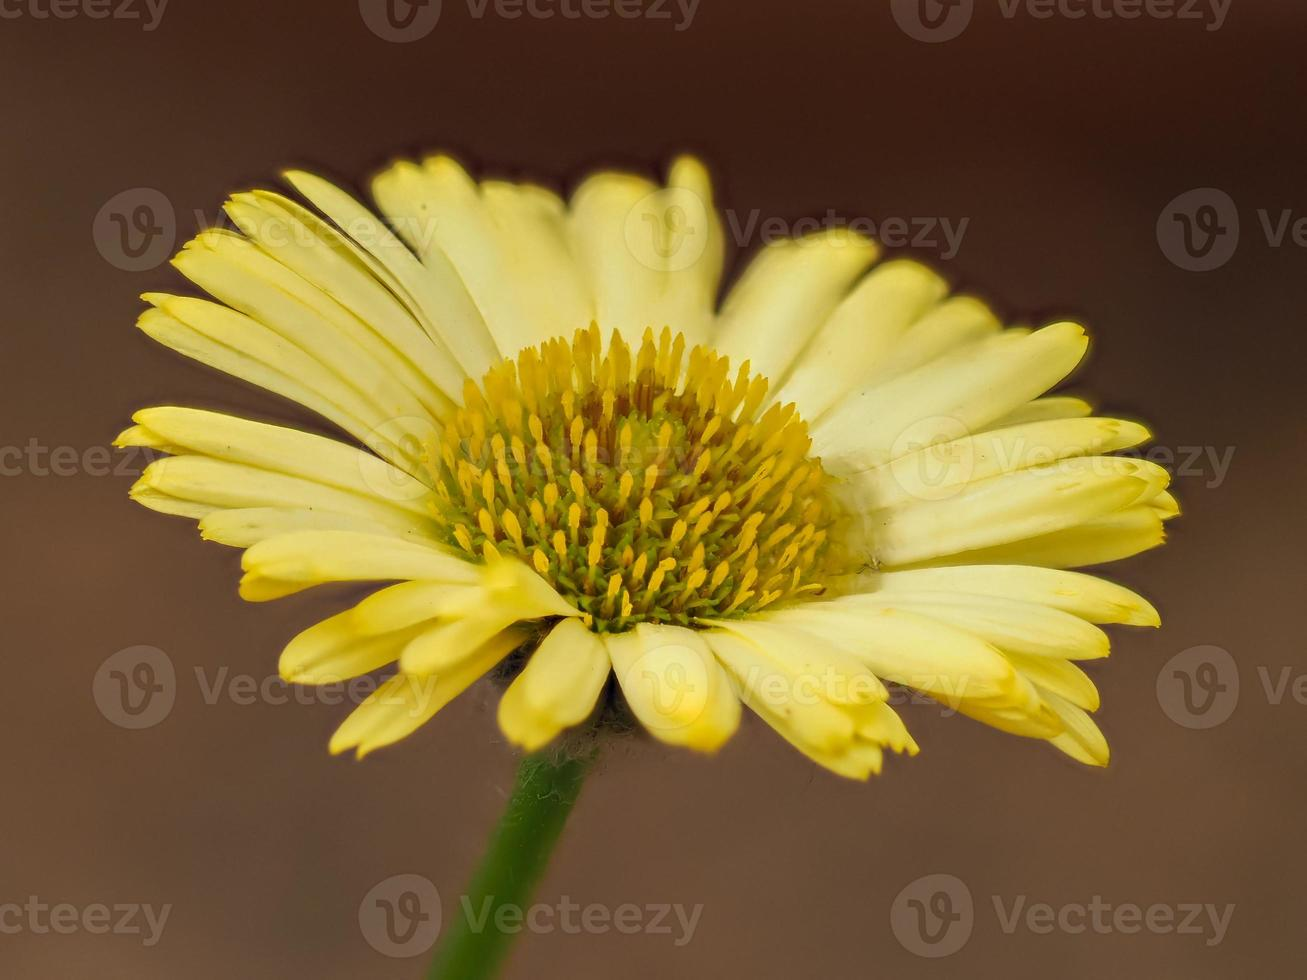 gul fleabane blomma foto